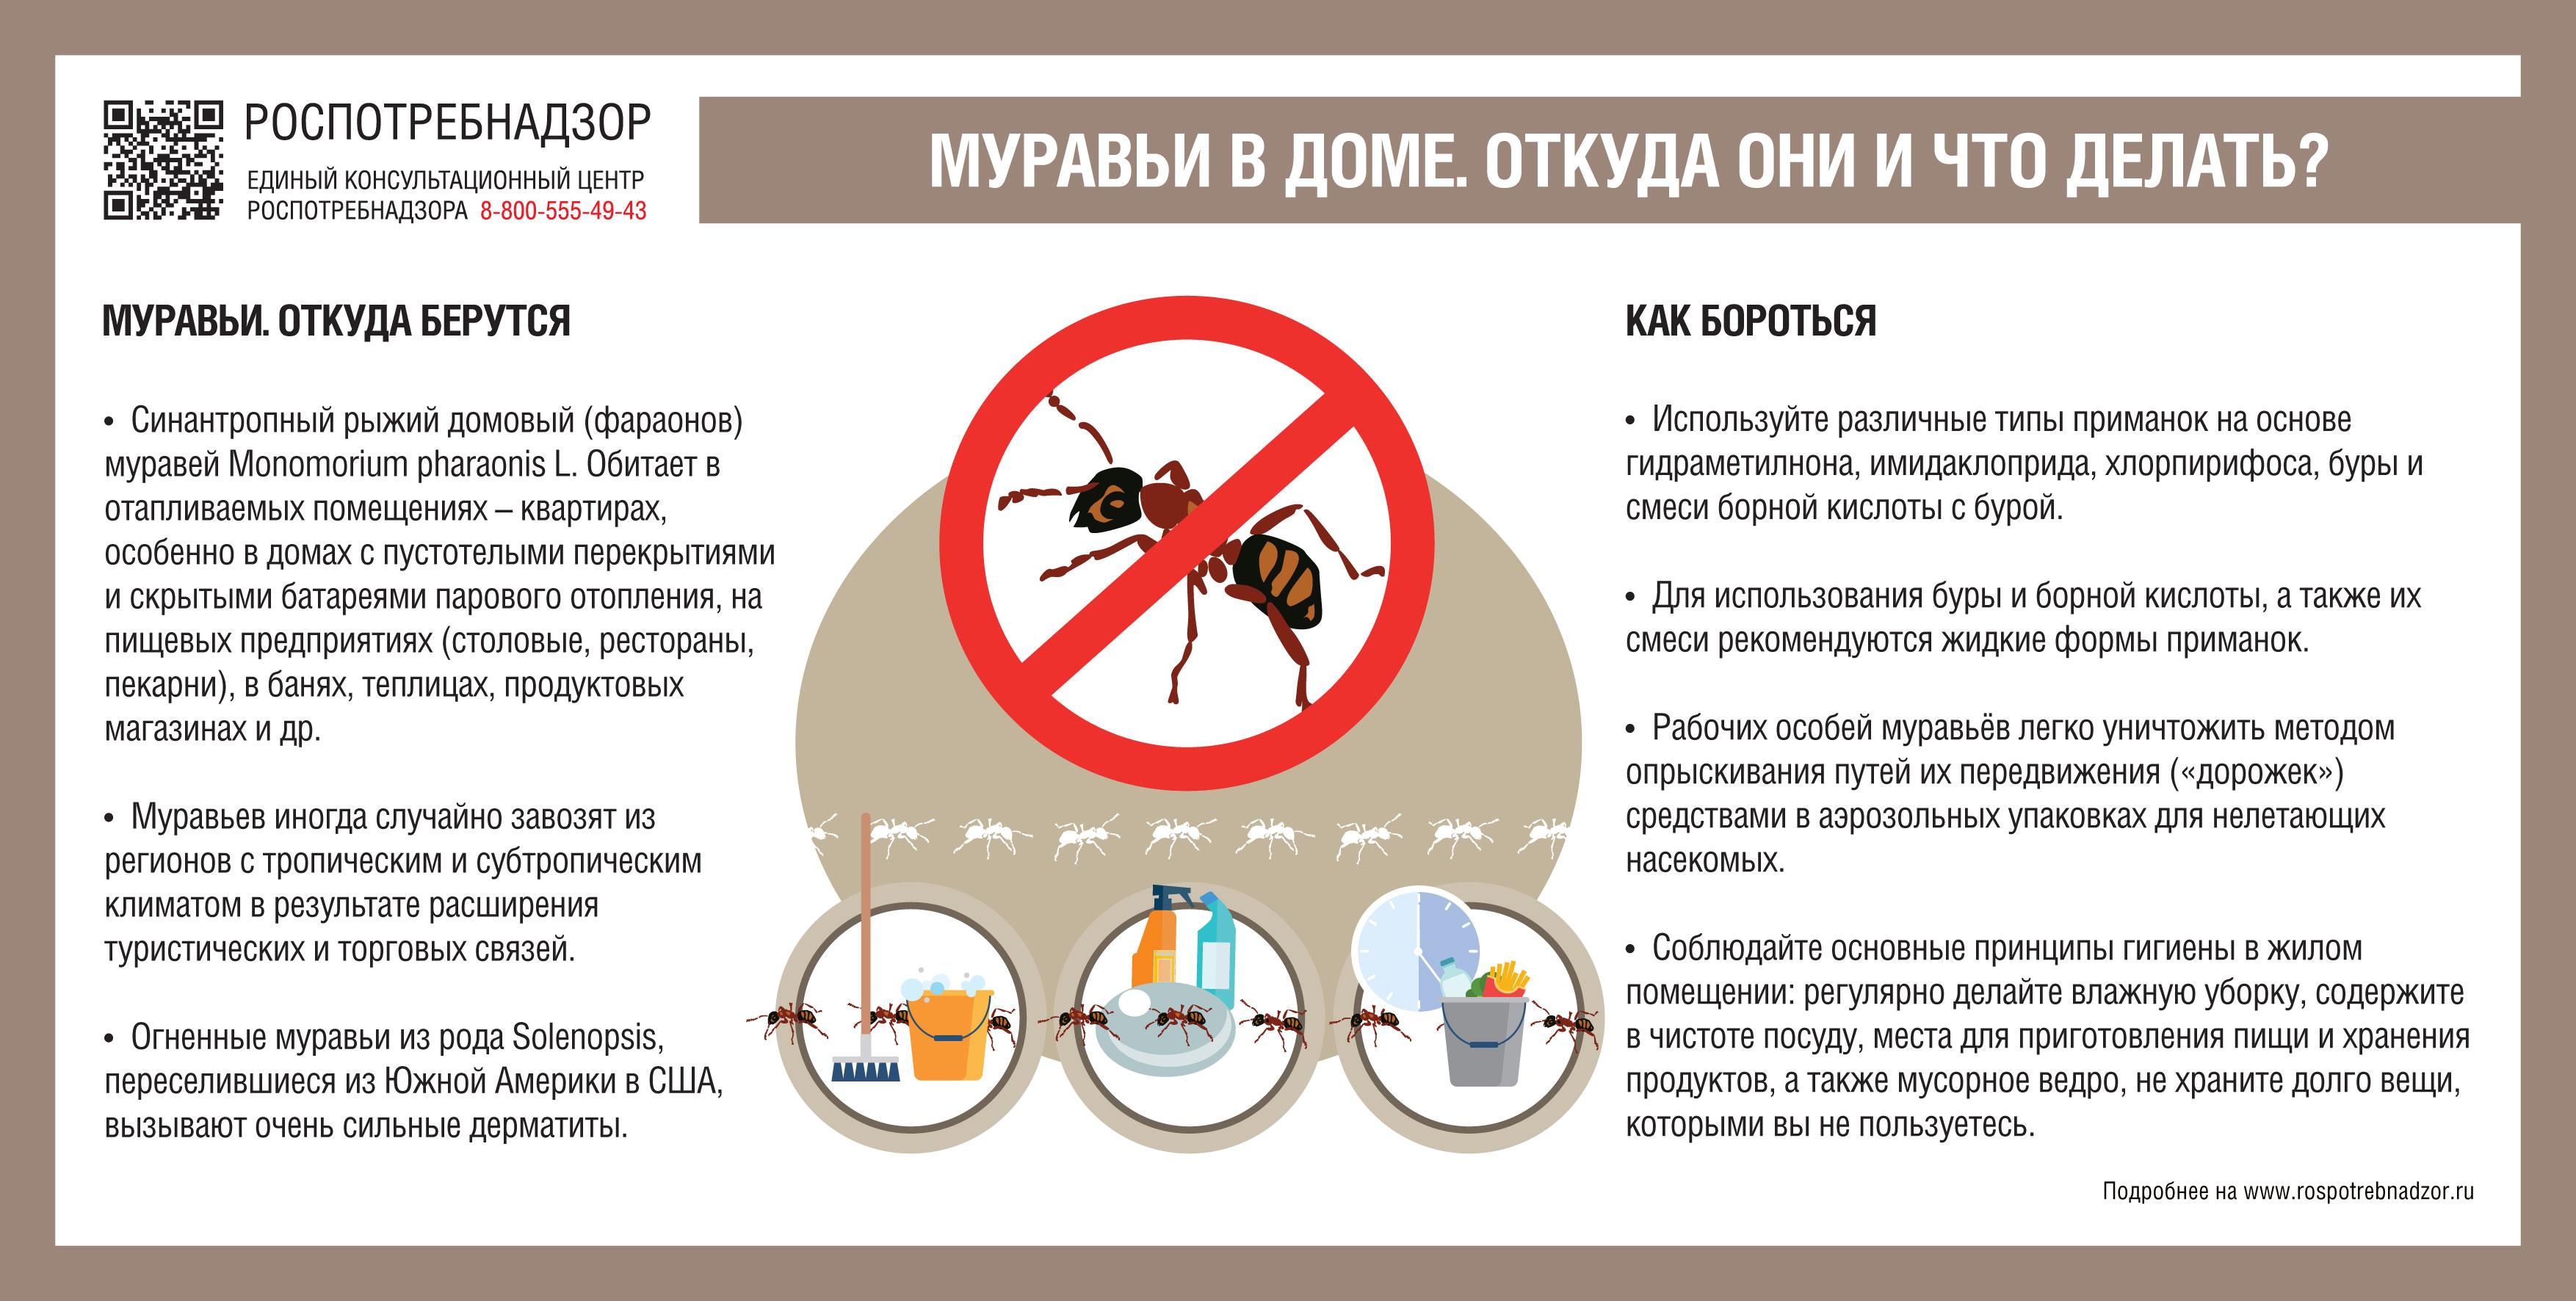 О рекомендациях как защитить жилое помещение от домовых муравьев